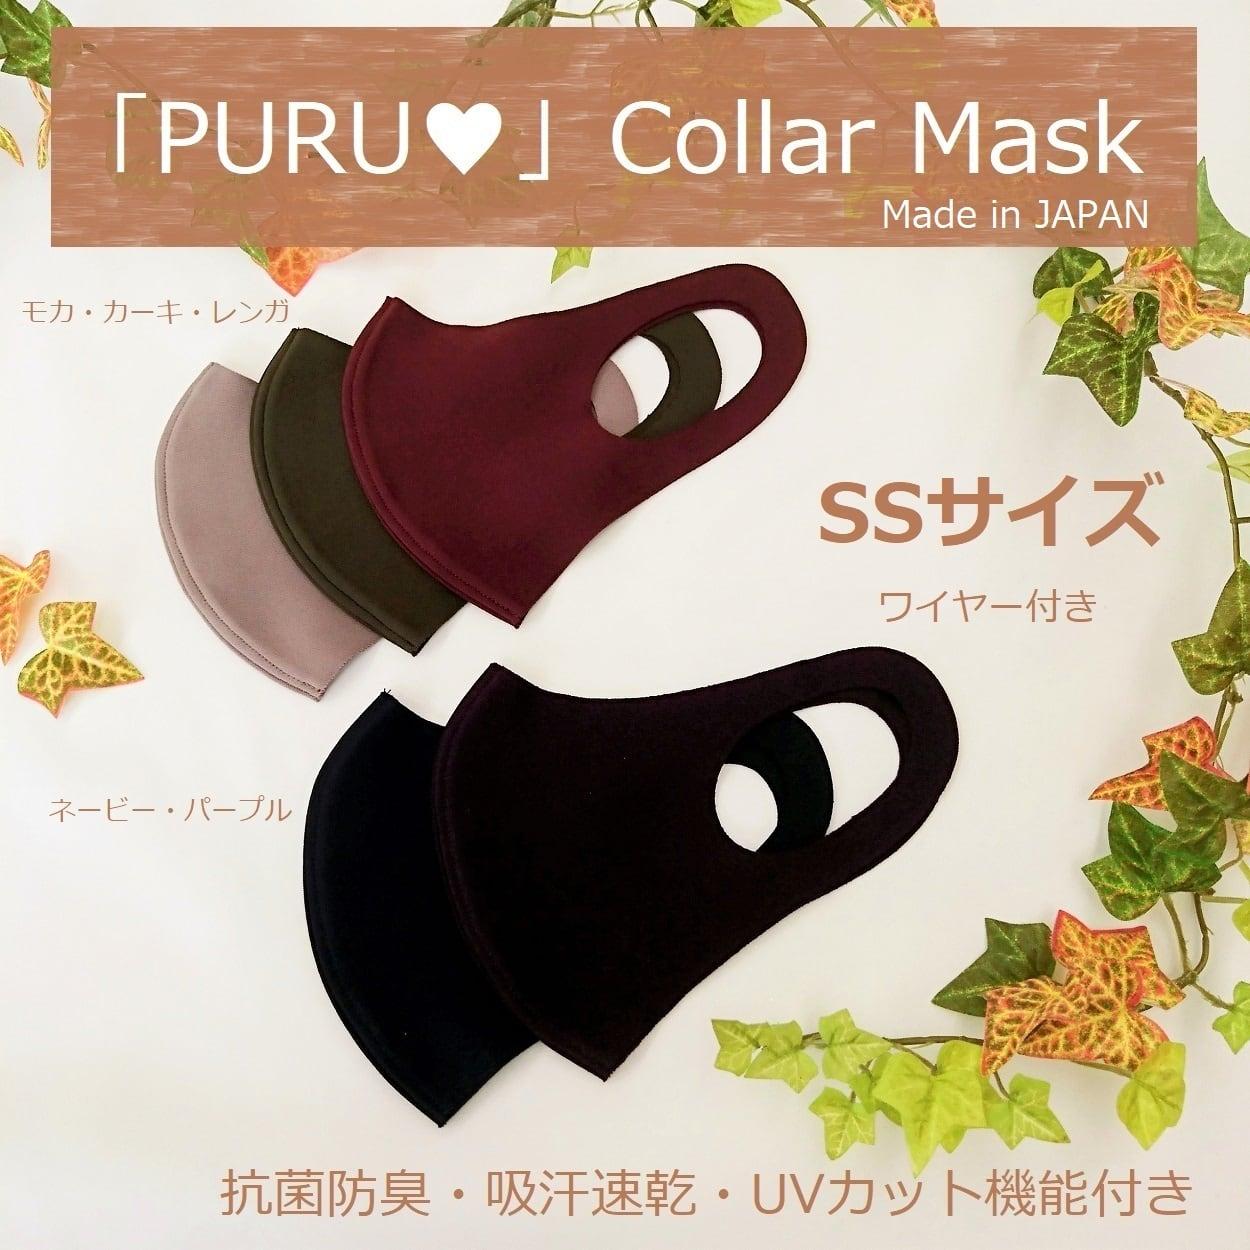 「ぷるピッタ」®SSサイズ-同色2枚入り 抗菌防臭・吸汗速乾・UVカット機能・ワイヤー付き【日本製】